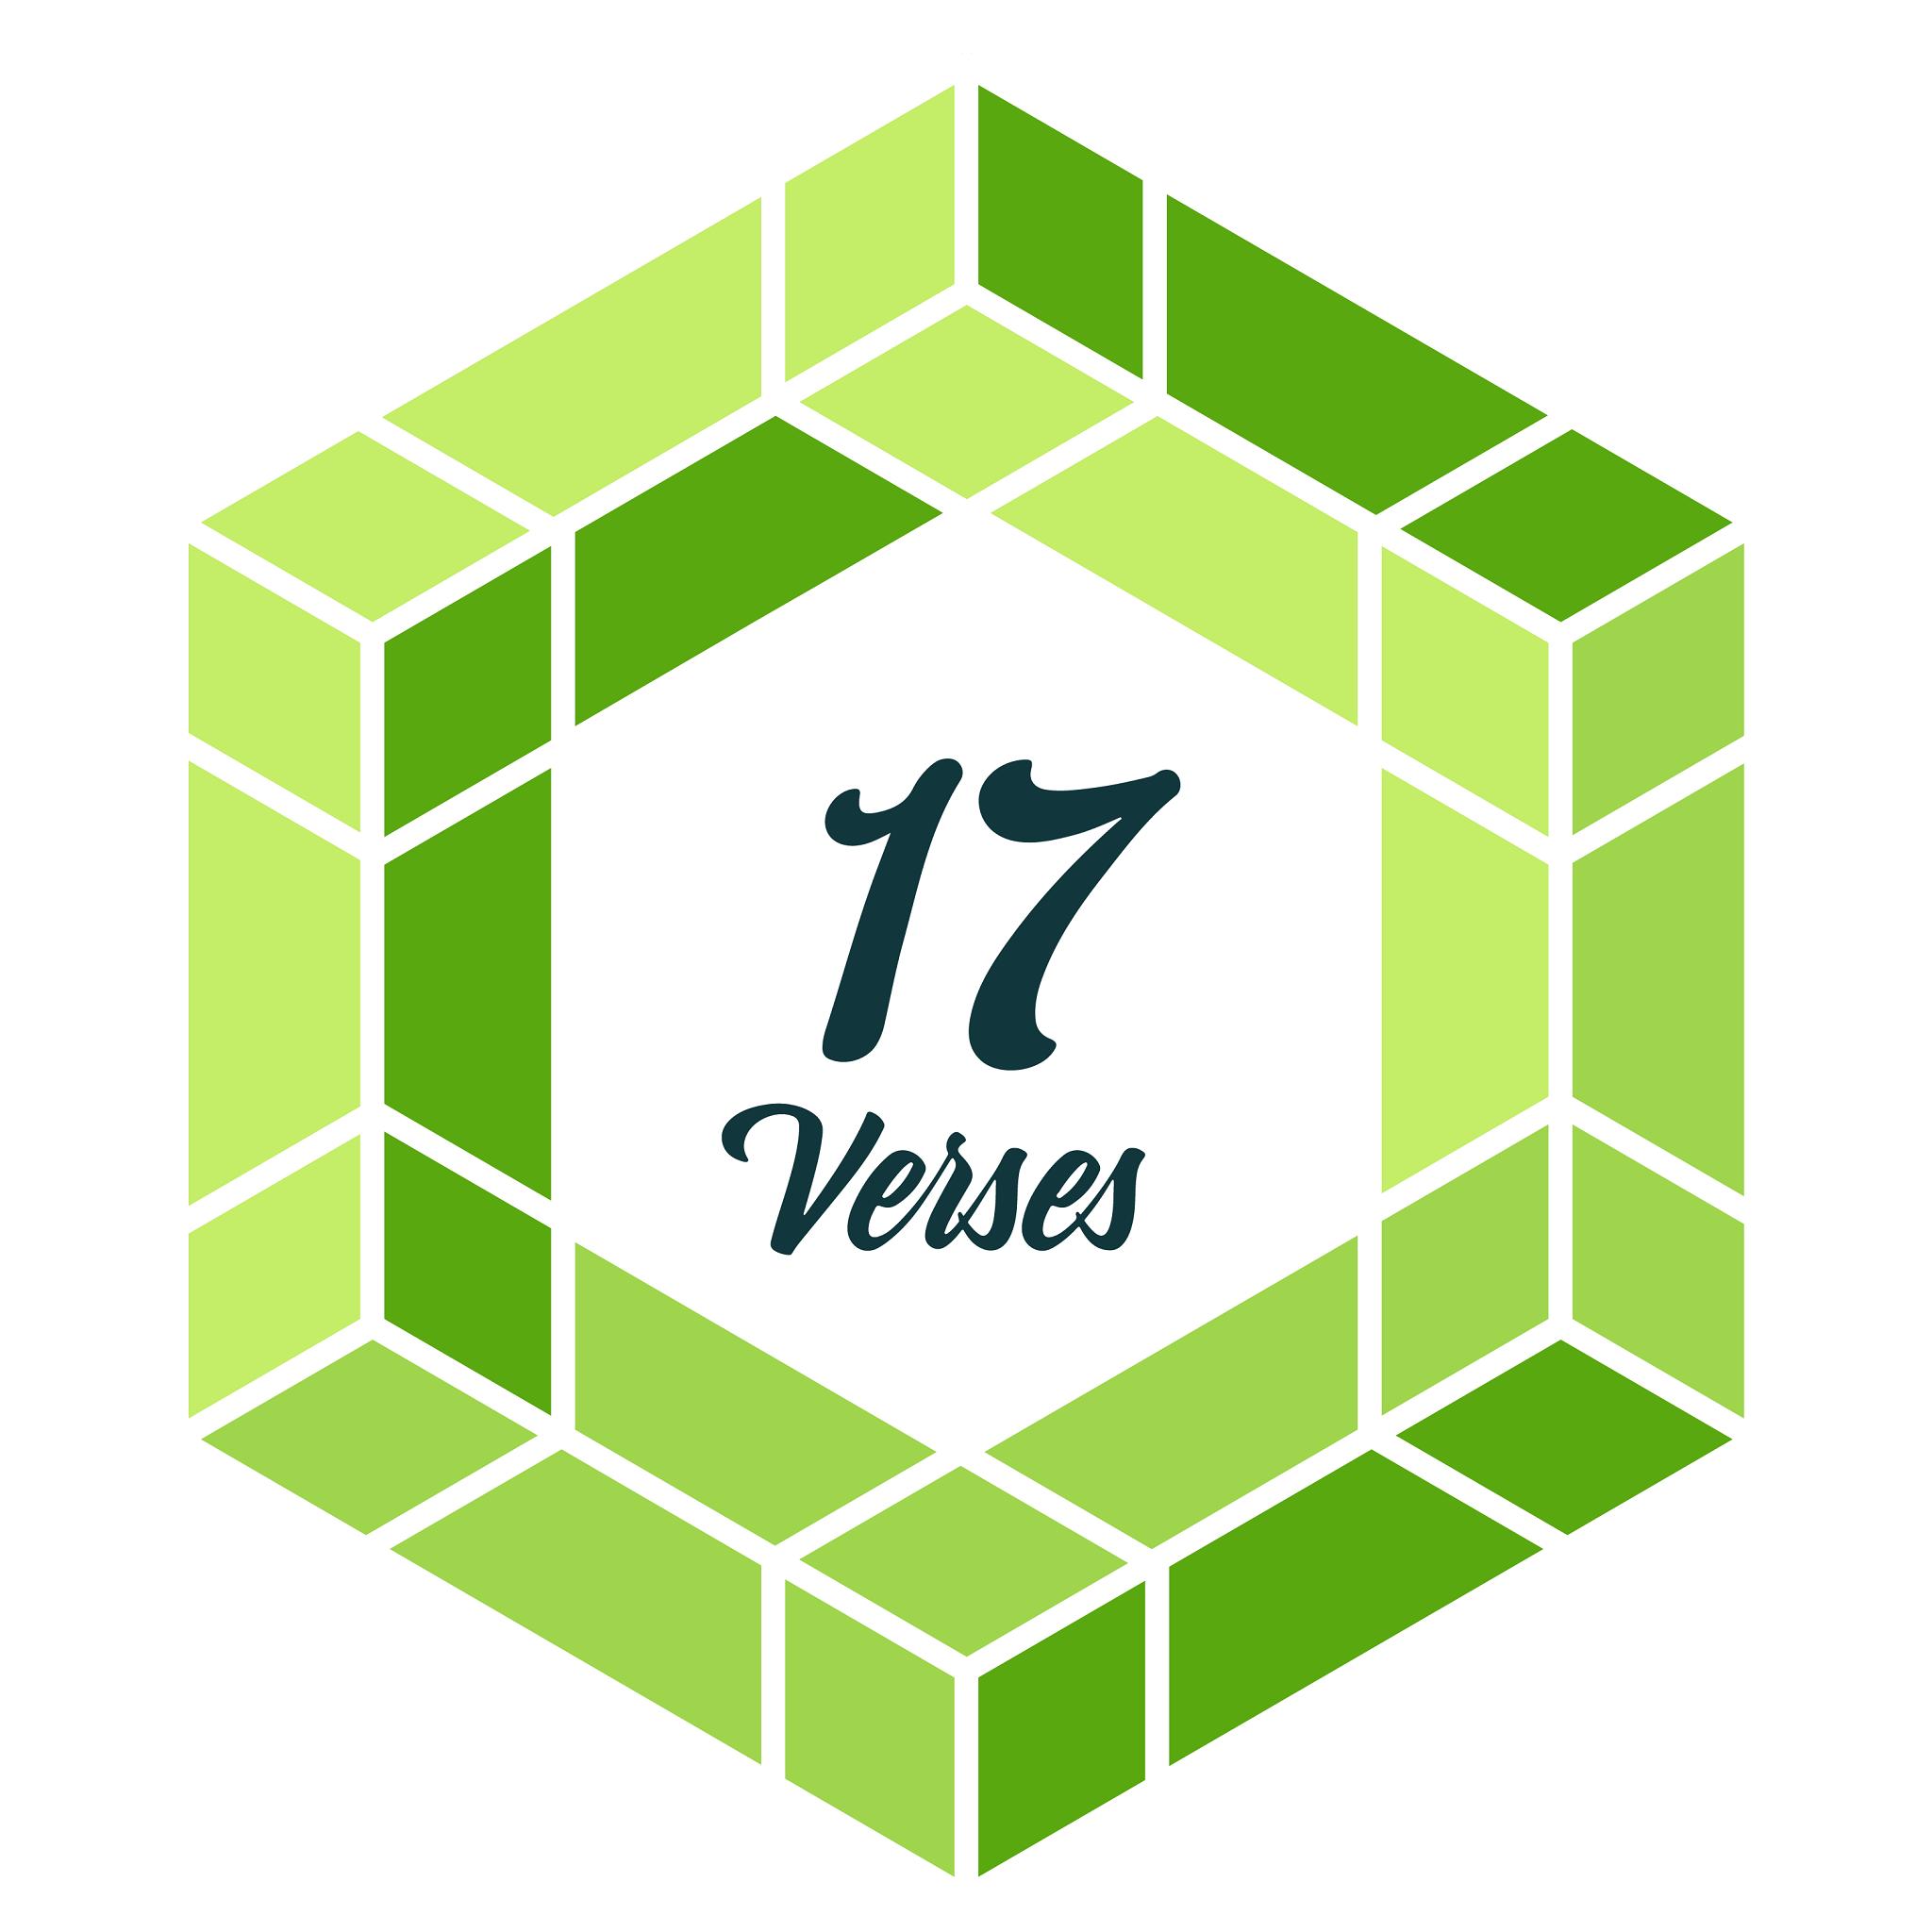 Year 2 - Surah 35 (Fãtir), Verses 15-37